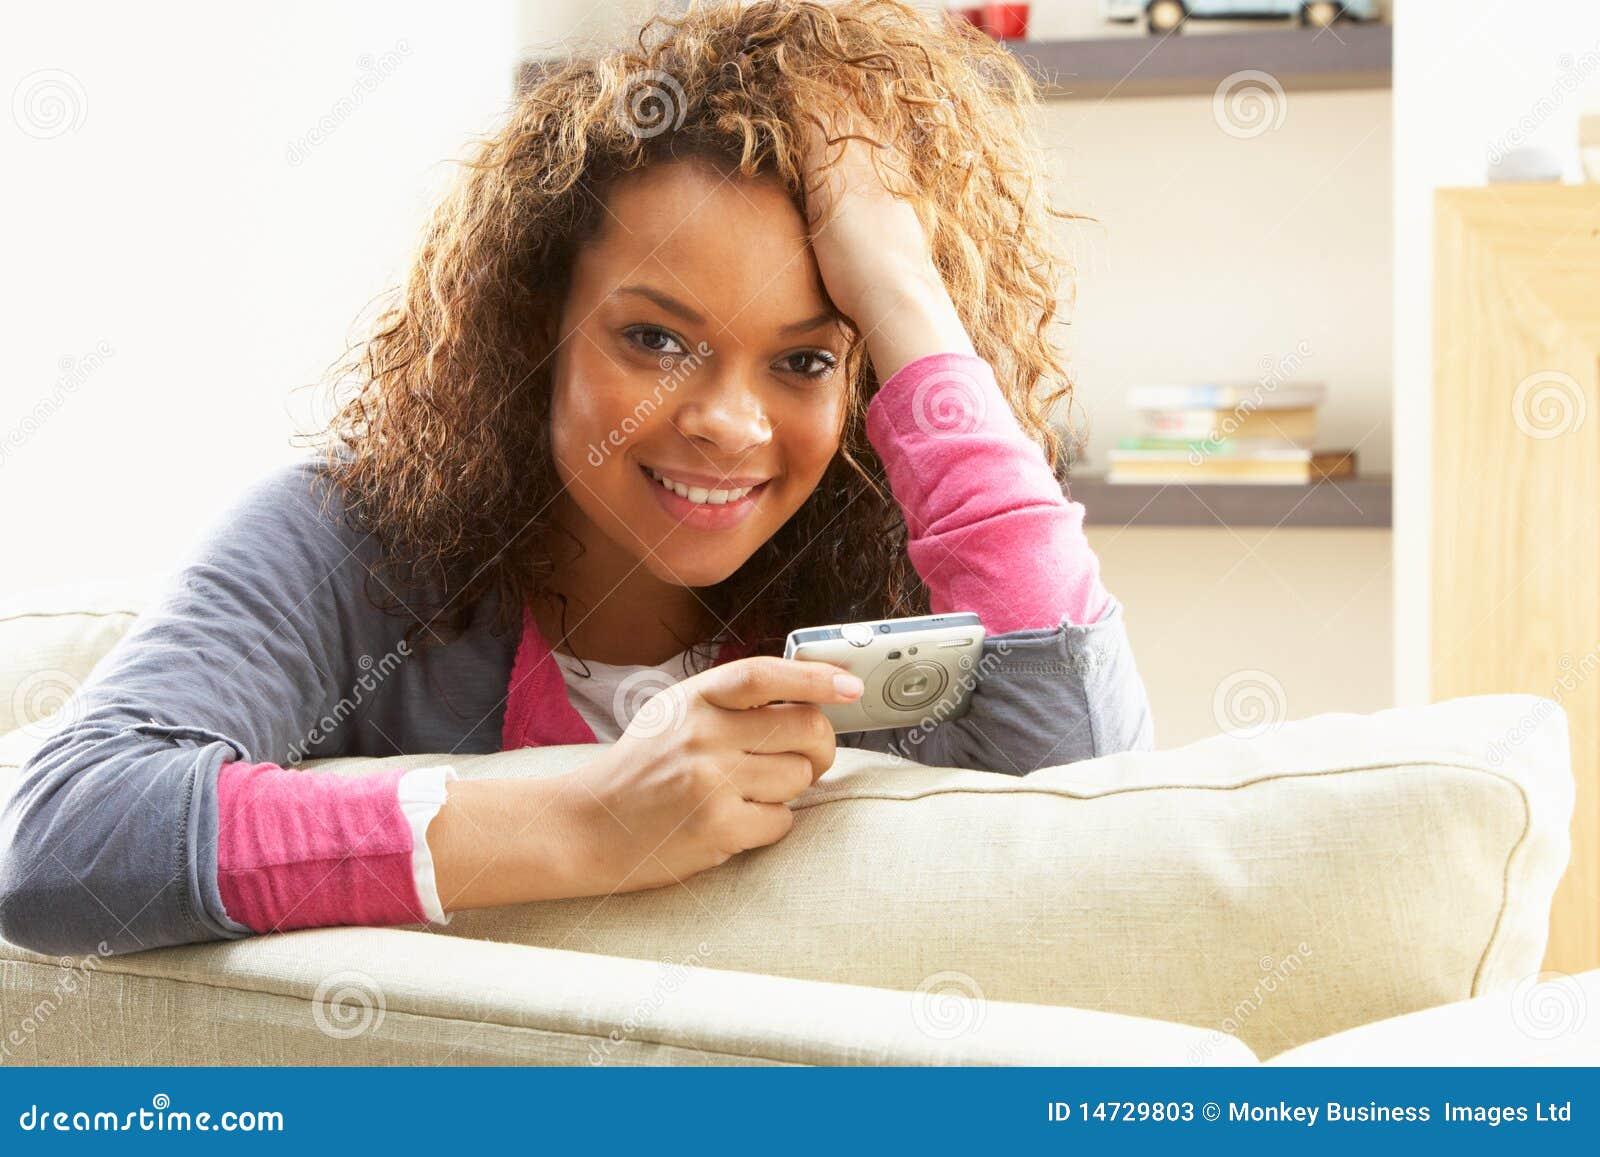 Frau, die Abbildungen auf Digitalkamera betrachtet